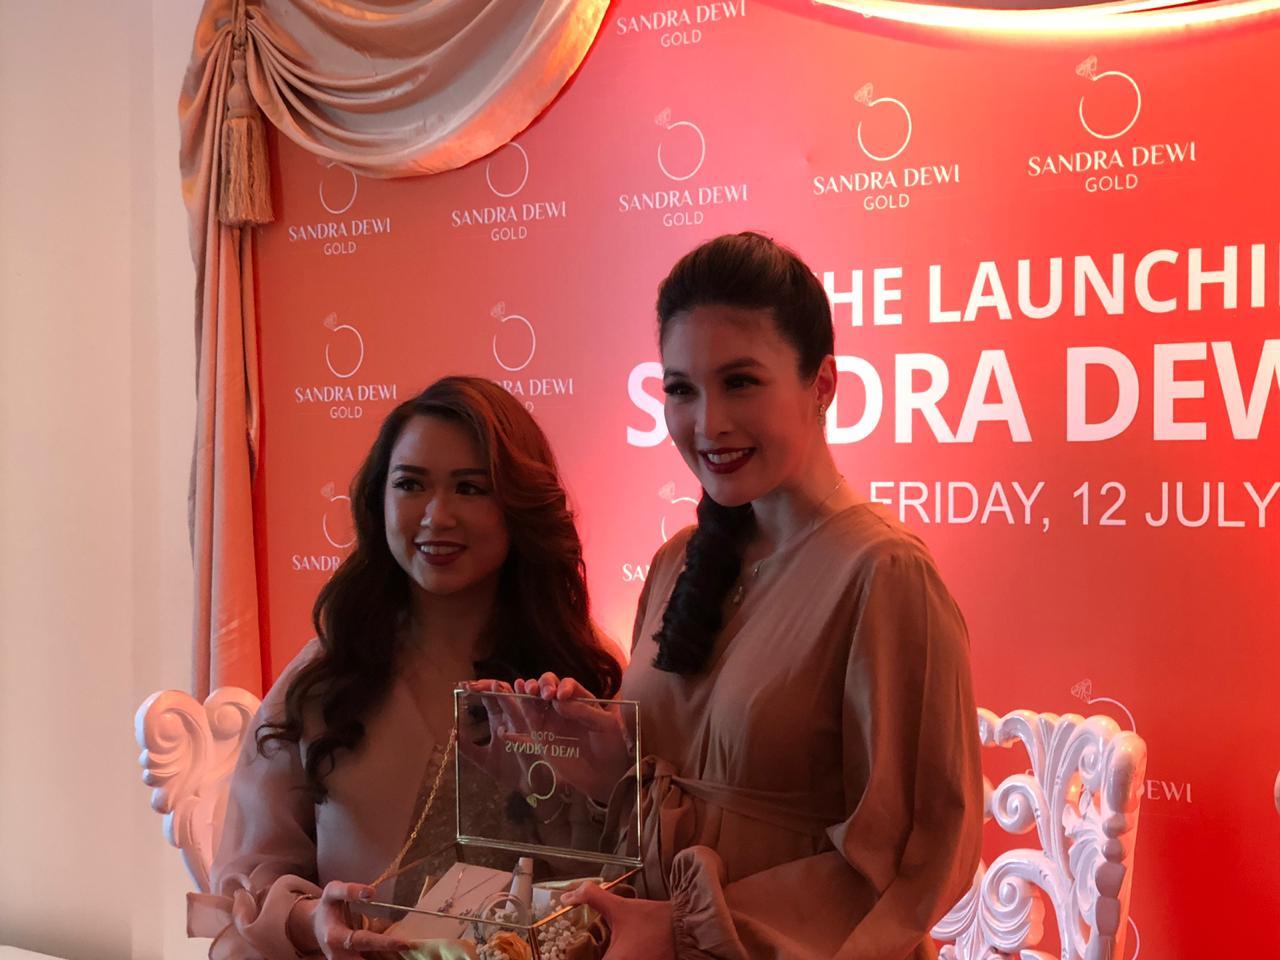 Ini alasan Sandra Dewi buka bisnis baru di bidang perhiasan